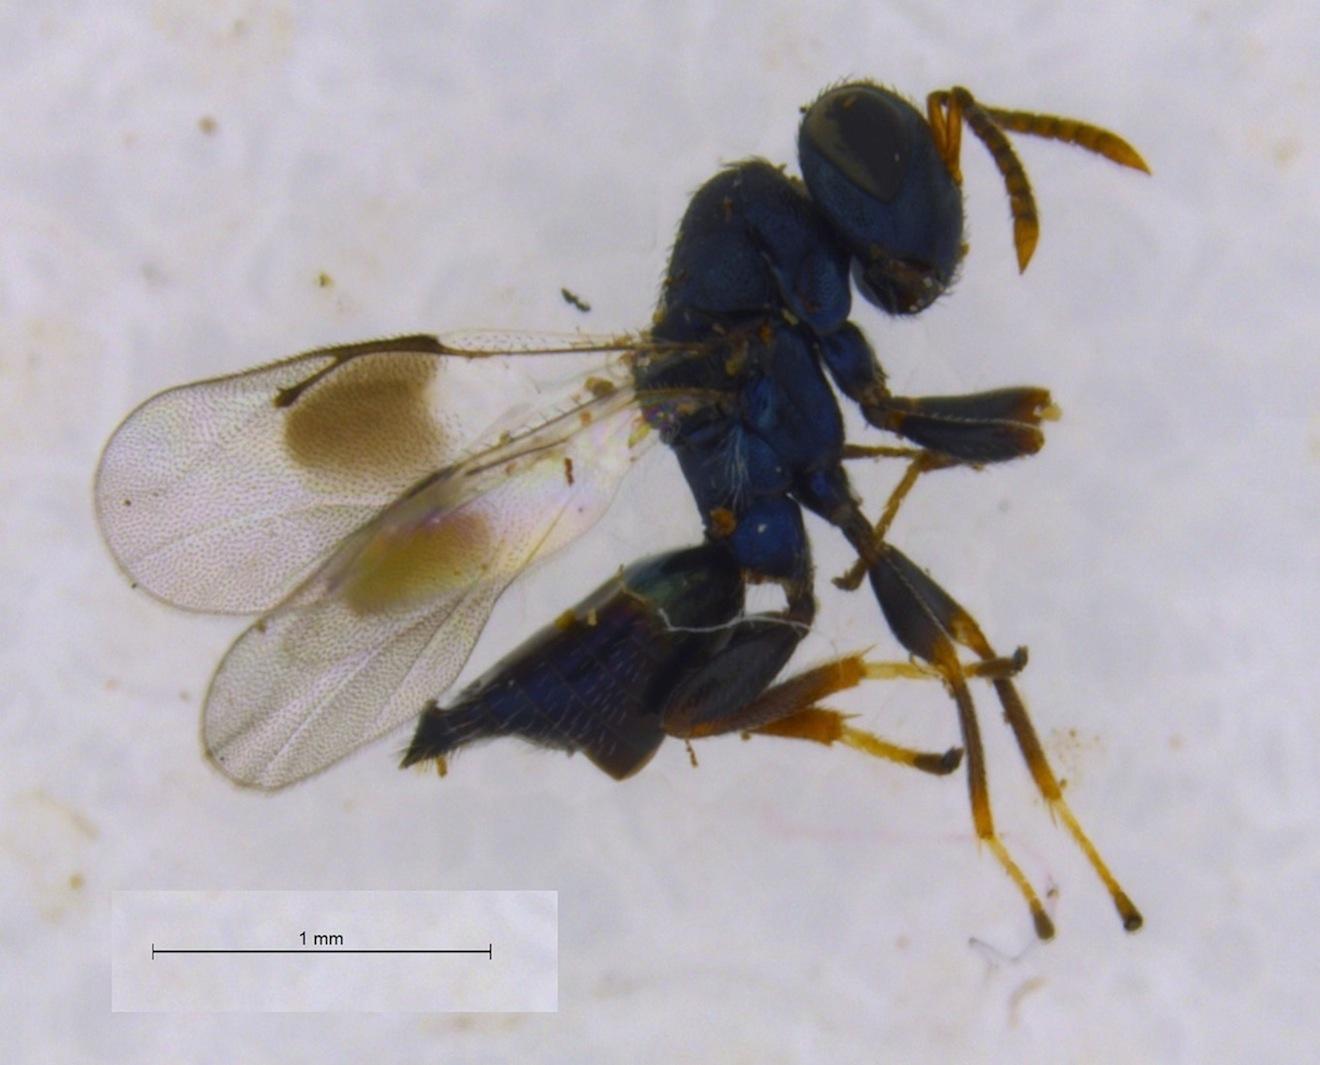 Homoporus nypsius